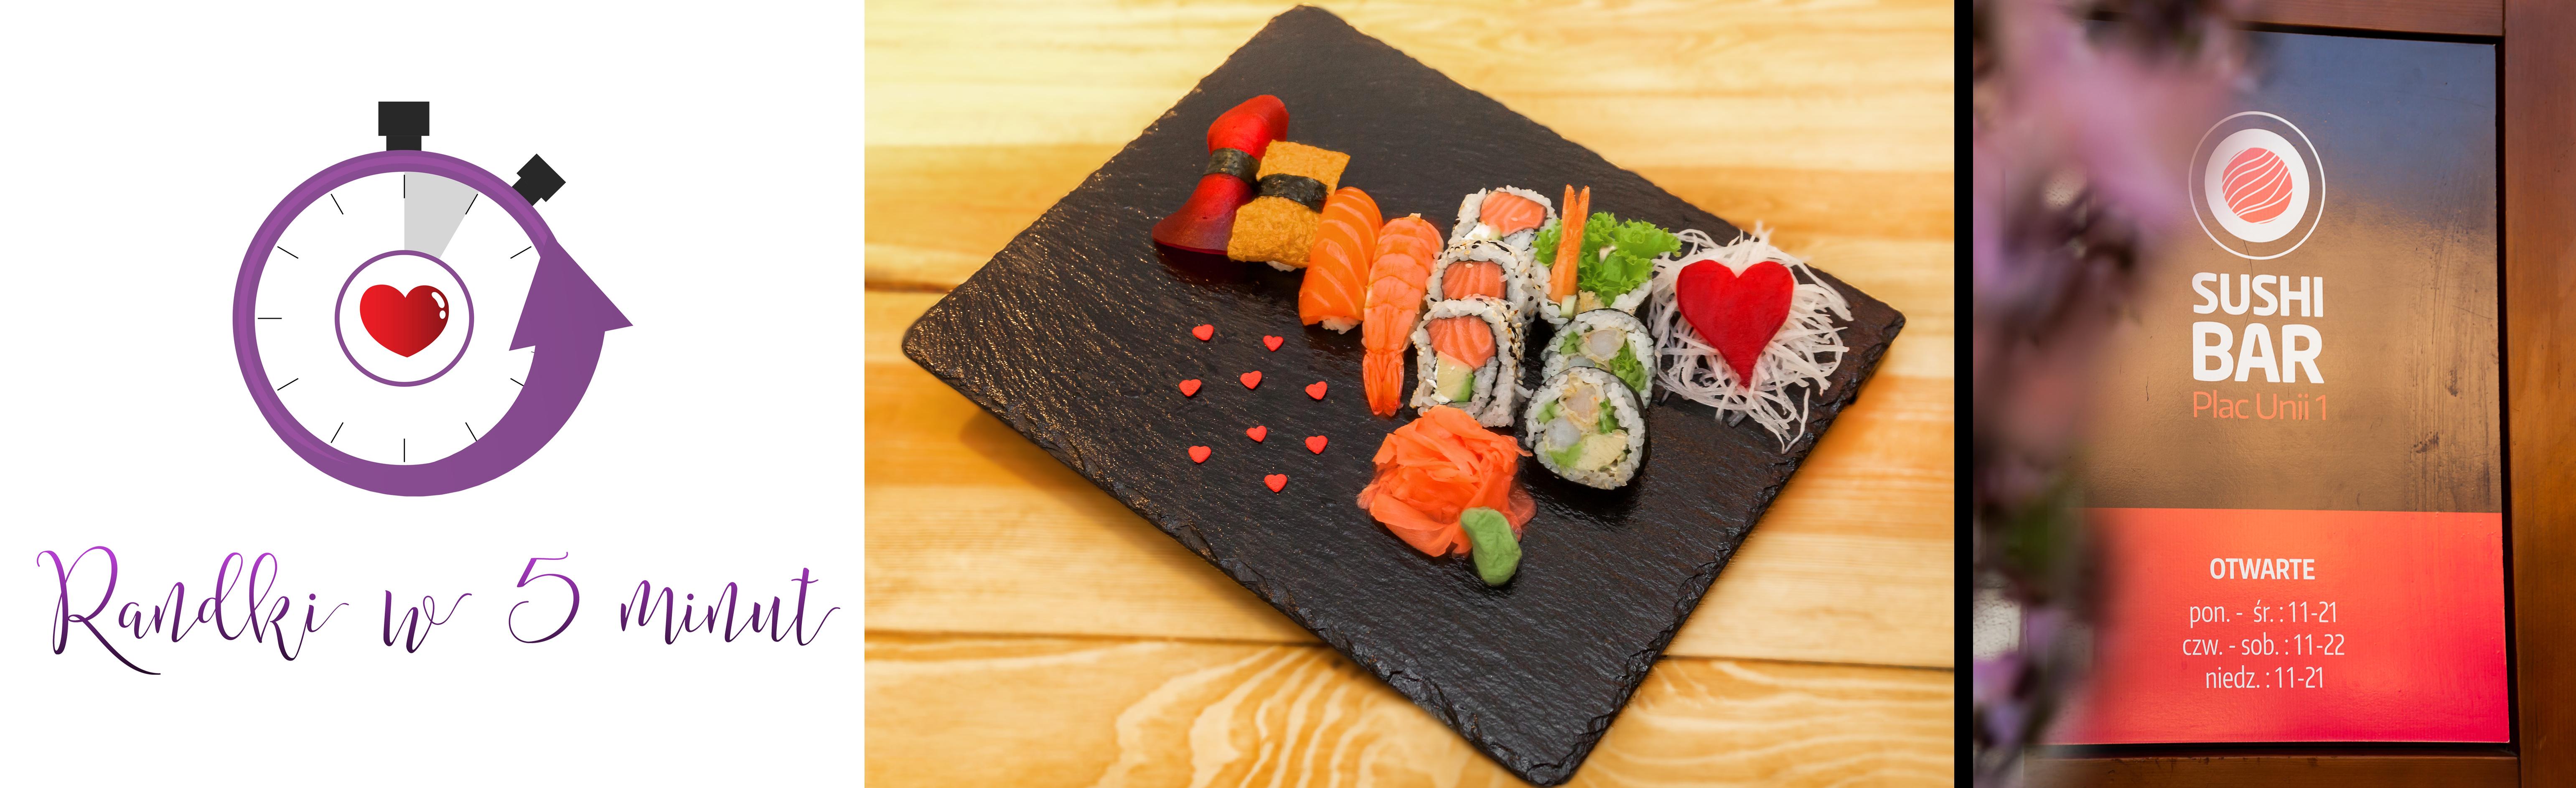 Randka z kolacją sushi w Plac Unii 28.04 w Warszawie